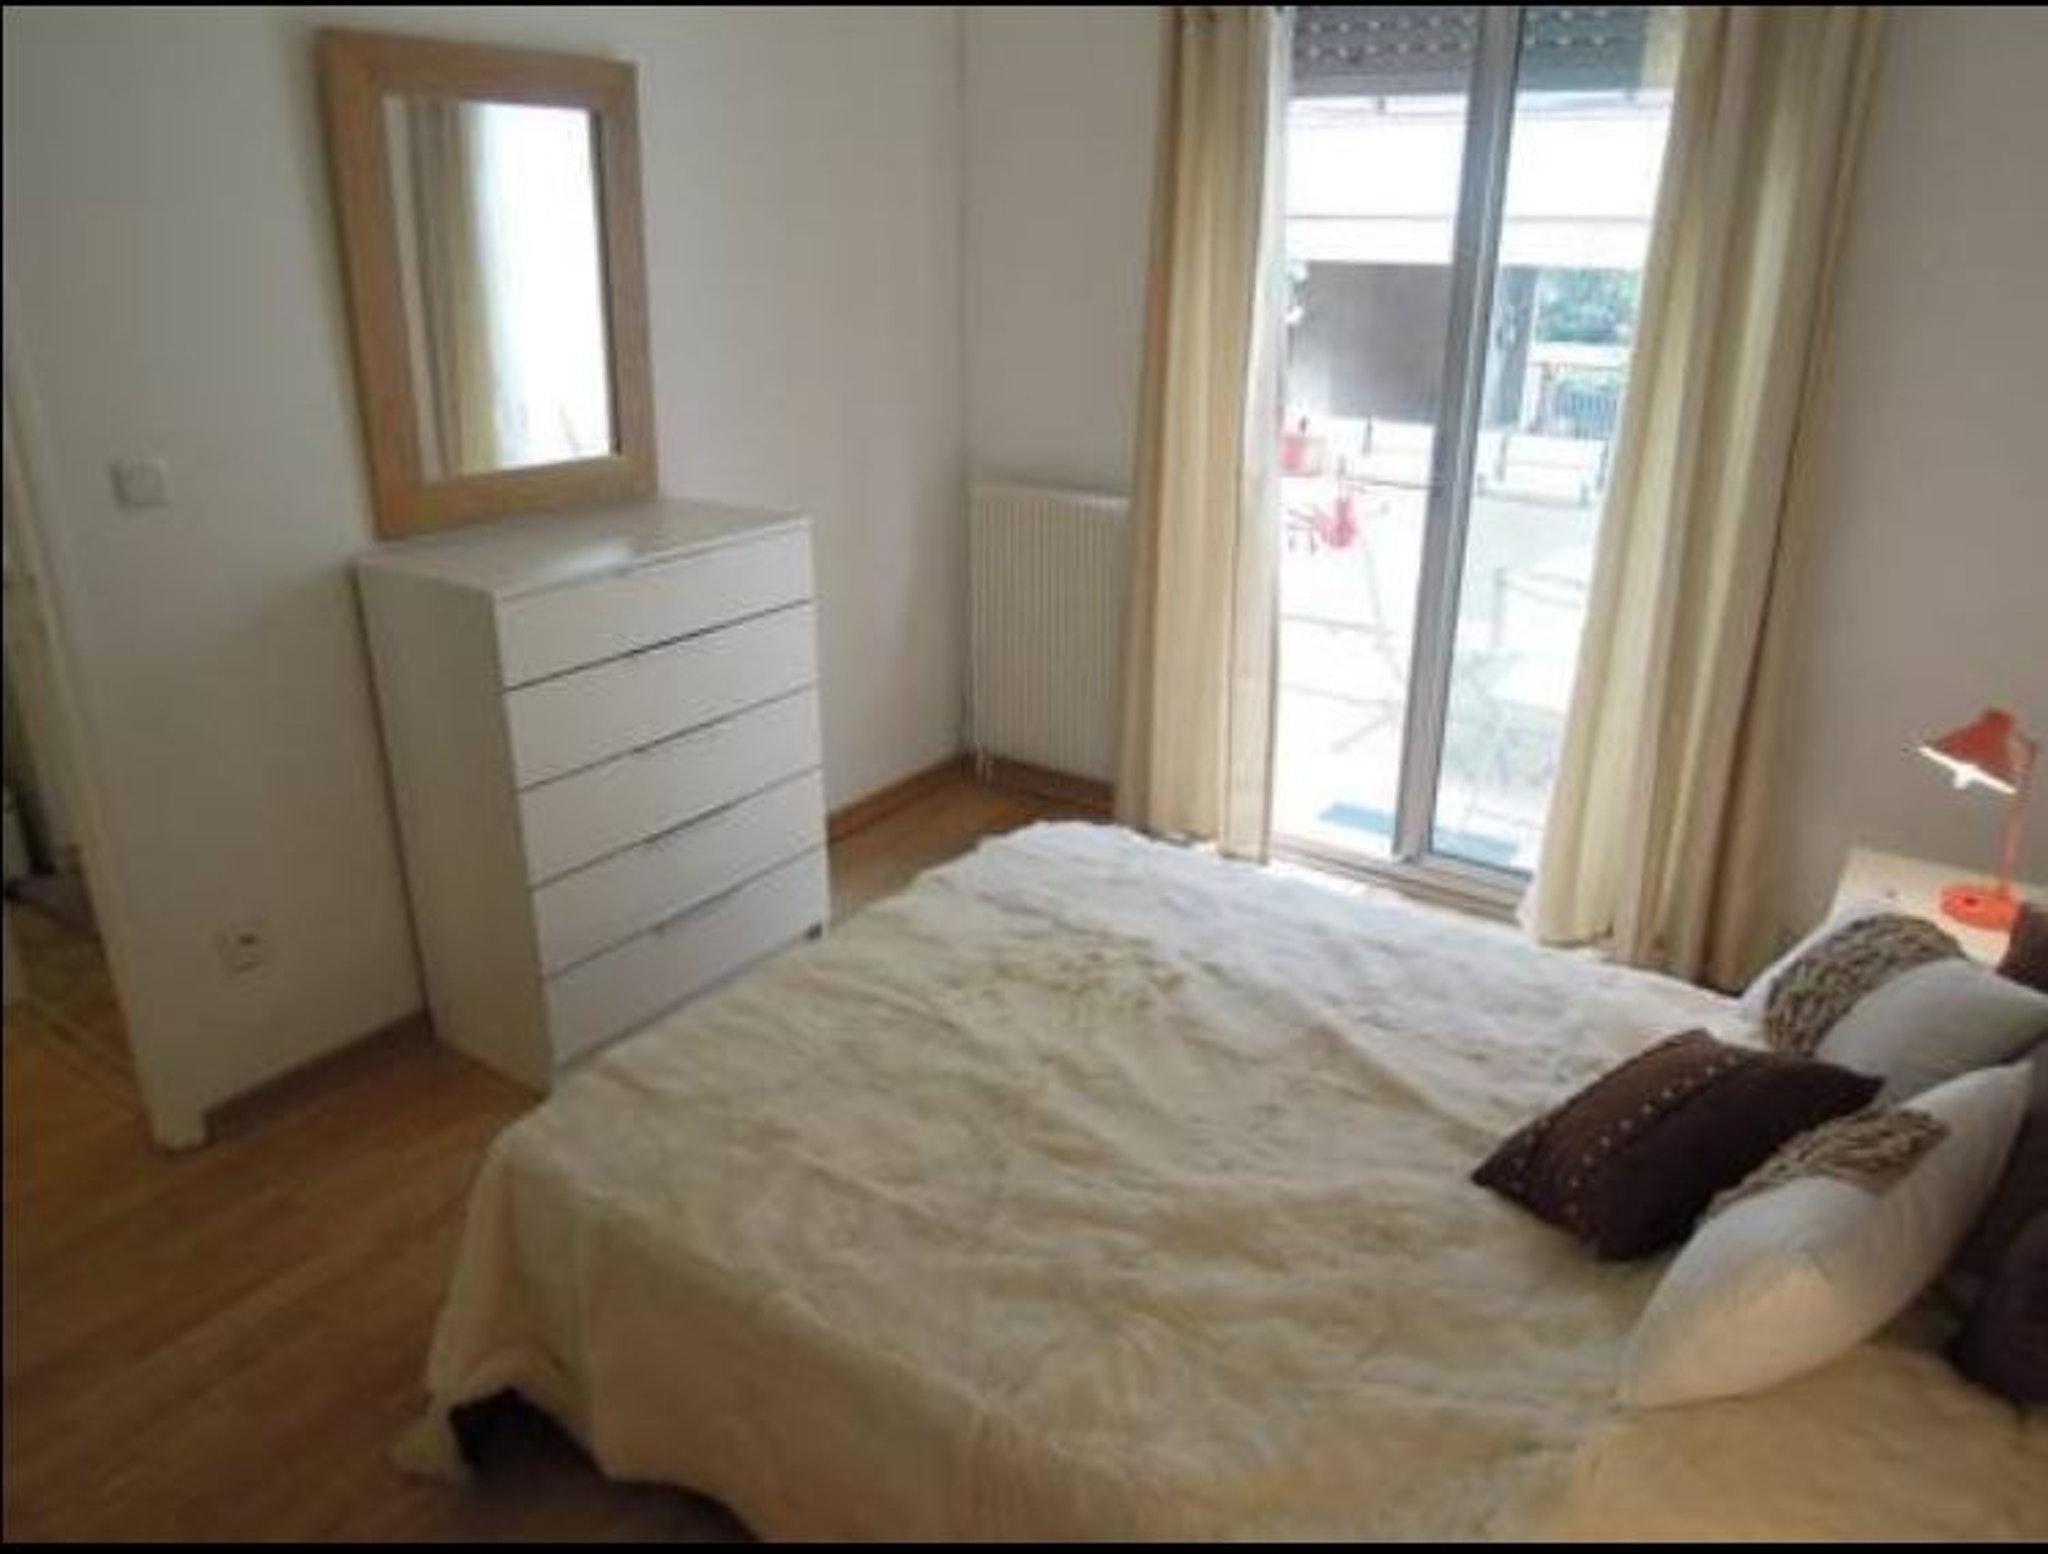 Appartement de vacances Wohnung mit einem Schlafzimmer in Montpellier mit eingezäuntem Garten und W-LAN - 10 km vo (2561865), Montpellier, Côte méditerranéenne Hérault, Languedoc-Roussillon, France, image 4